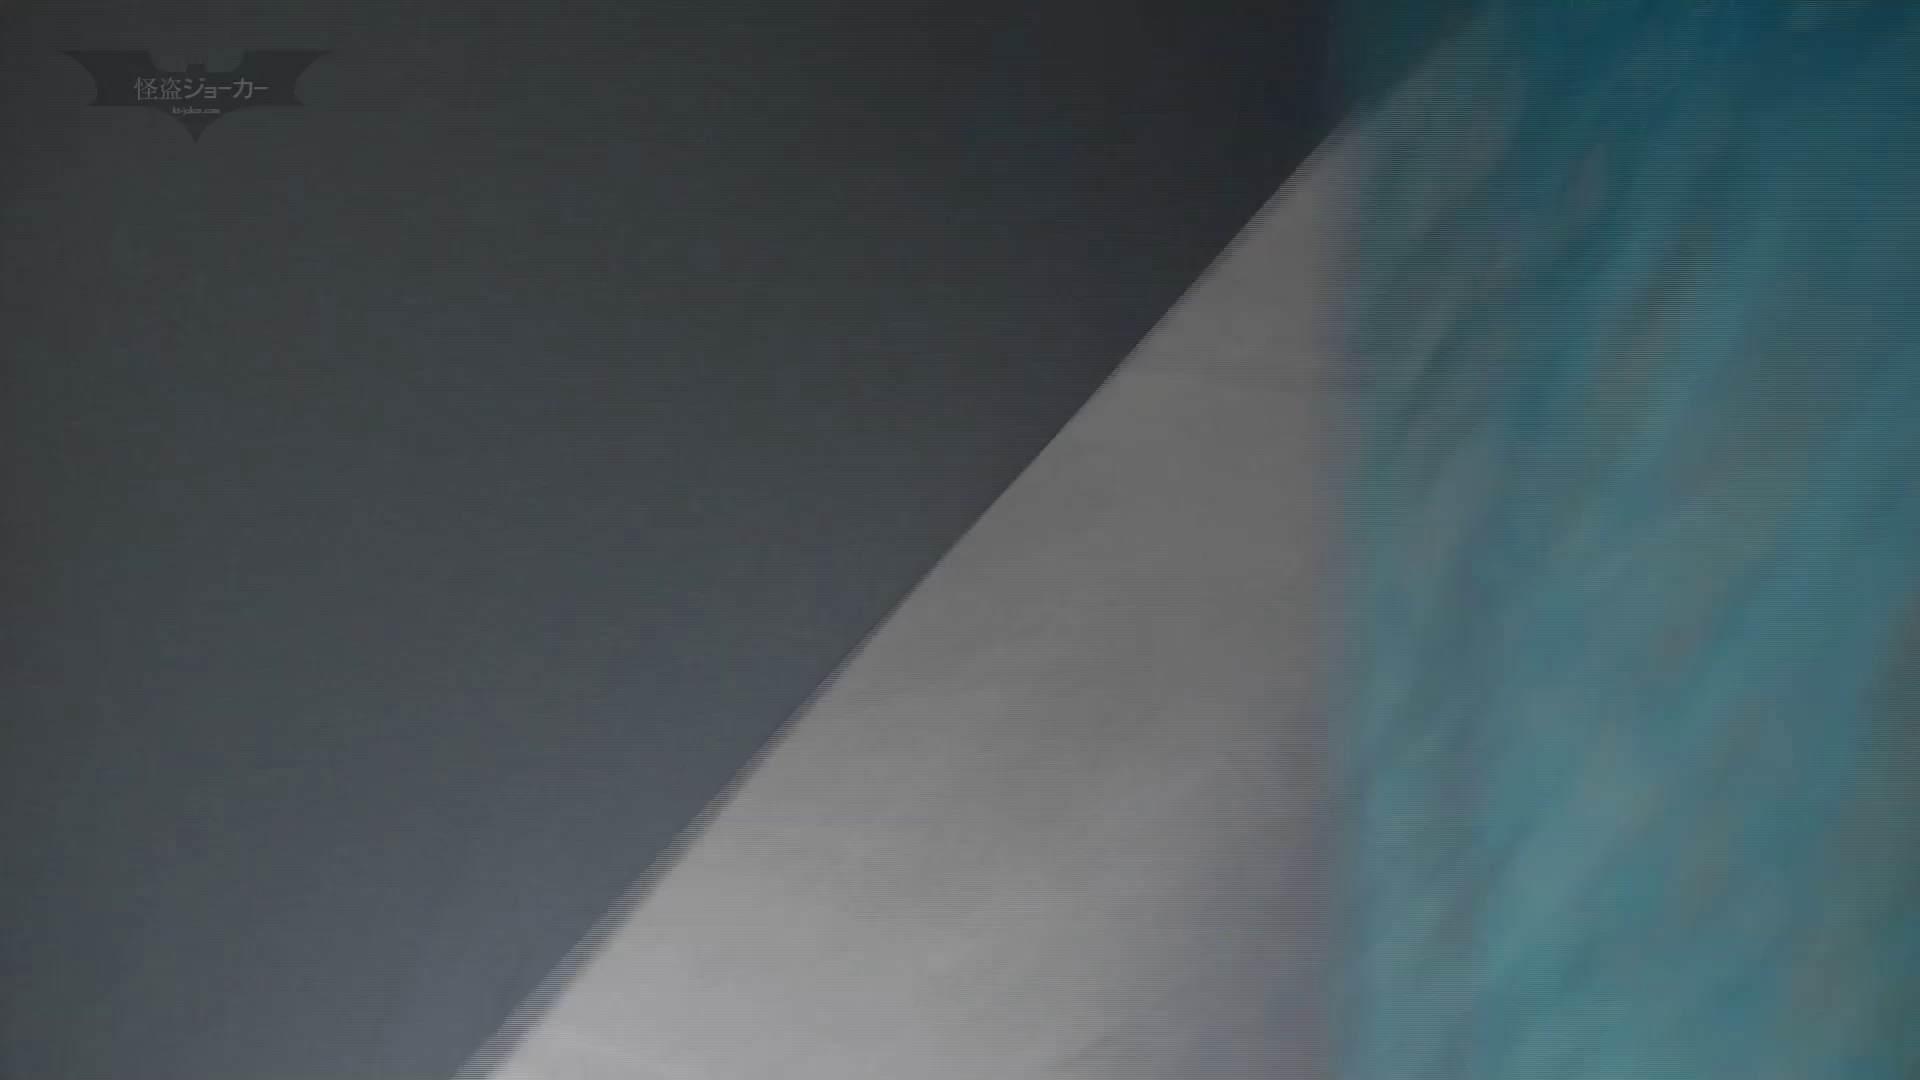 潜入!!台湾名門女学院 Vol.10 進化 潜入エロ調査 | 盗撮エロすぎ  79連発 41